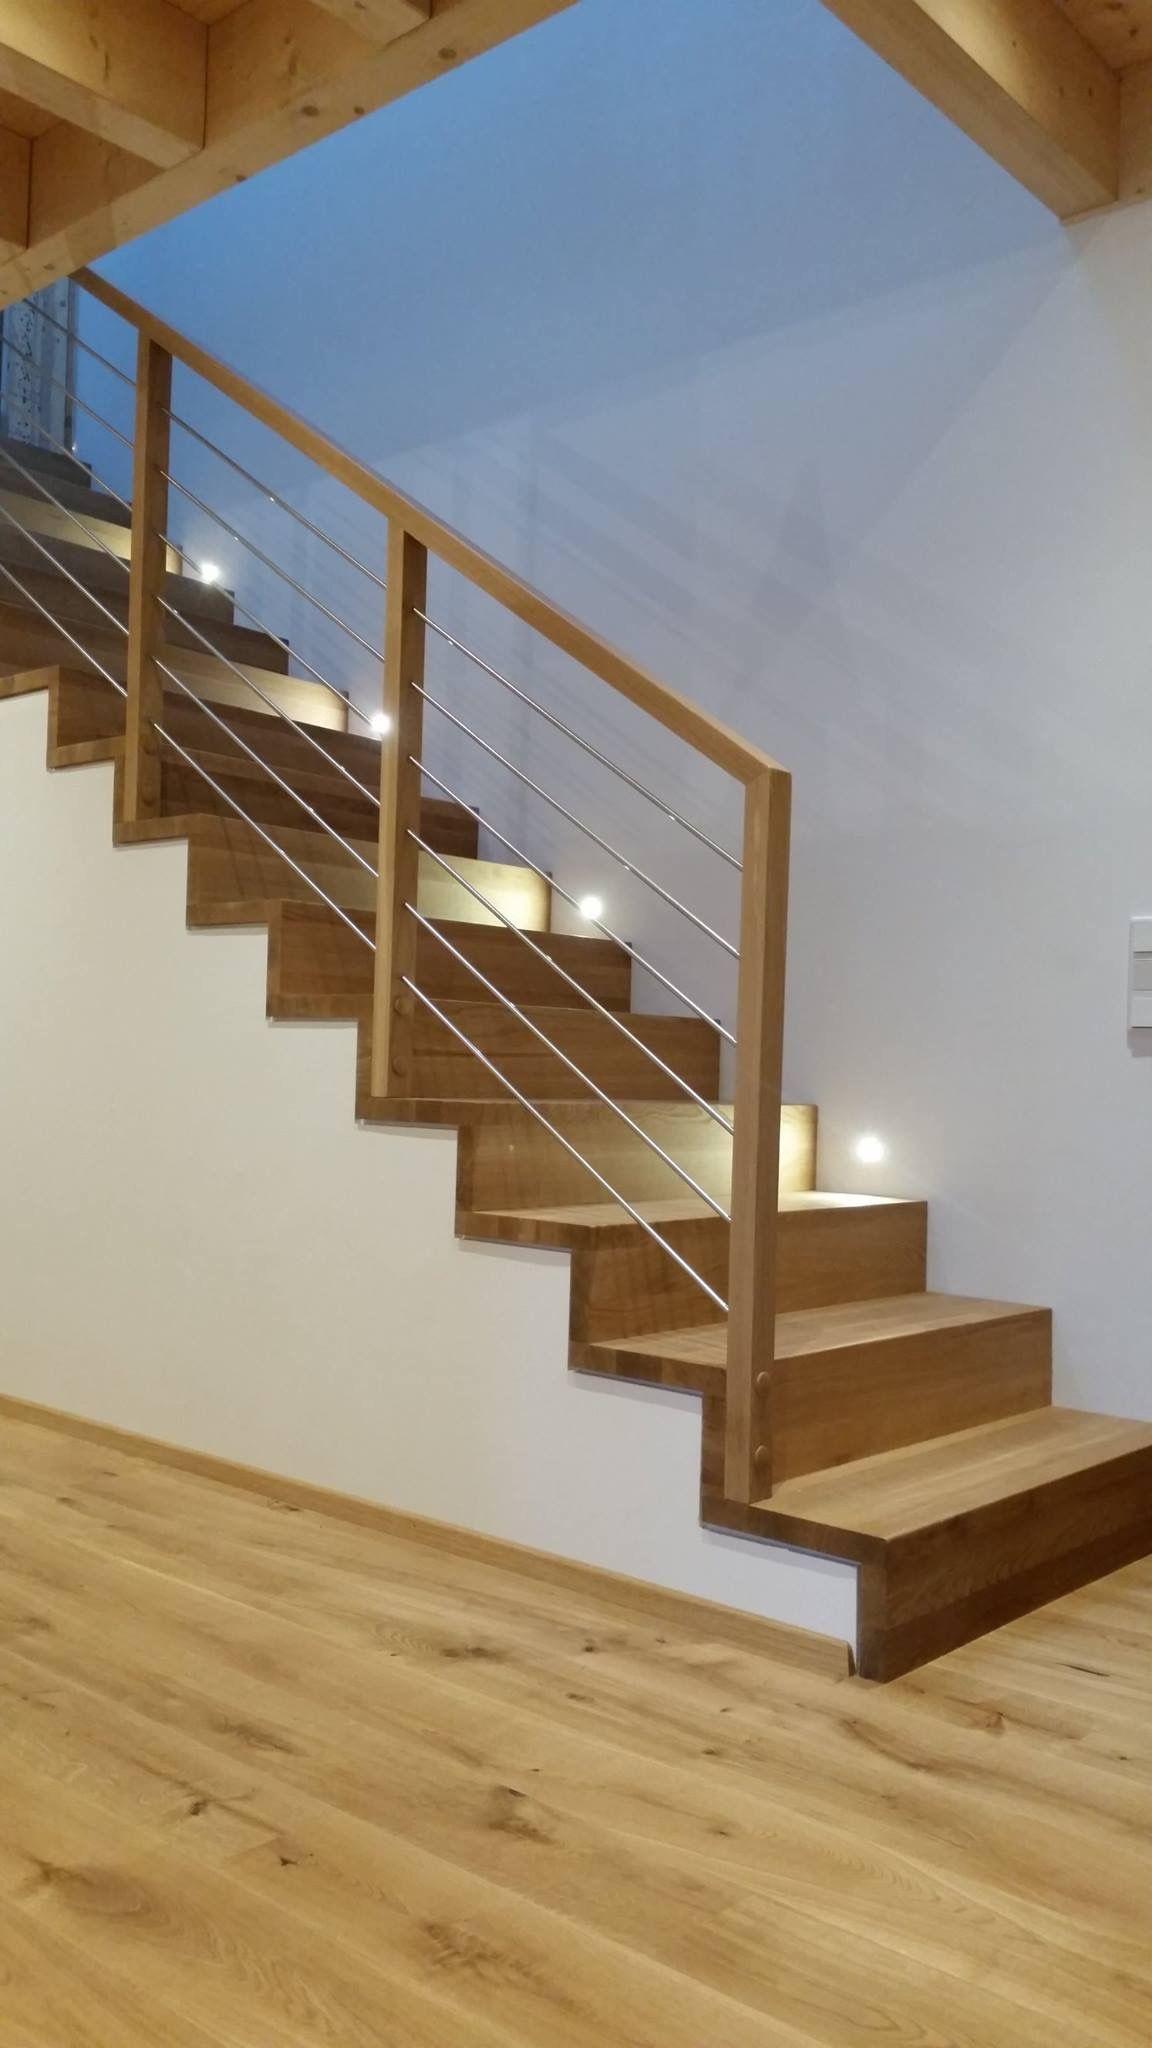 Stufen Auf Betonkern   Das Original   Direkt Vom Hersteller Unnerstall  Treppen #treppe #holztreppe